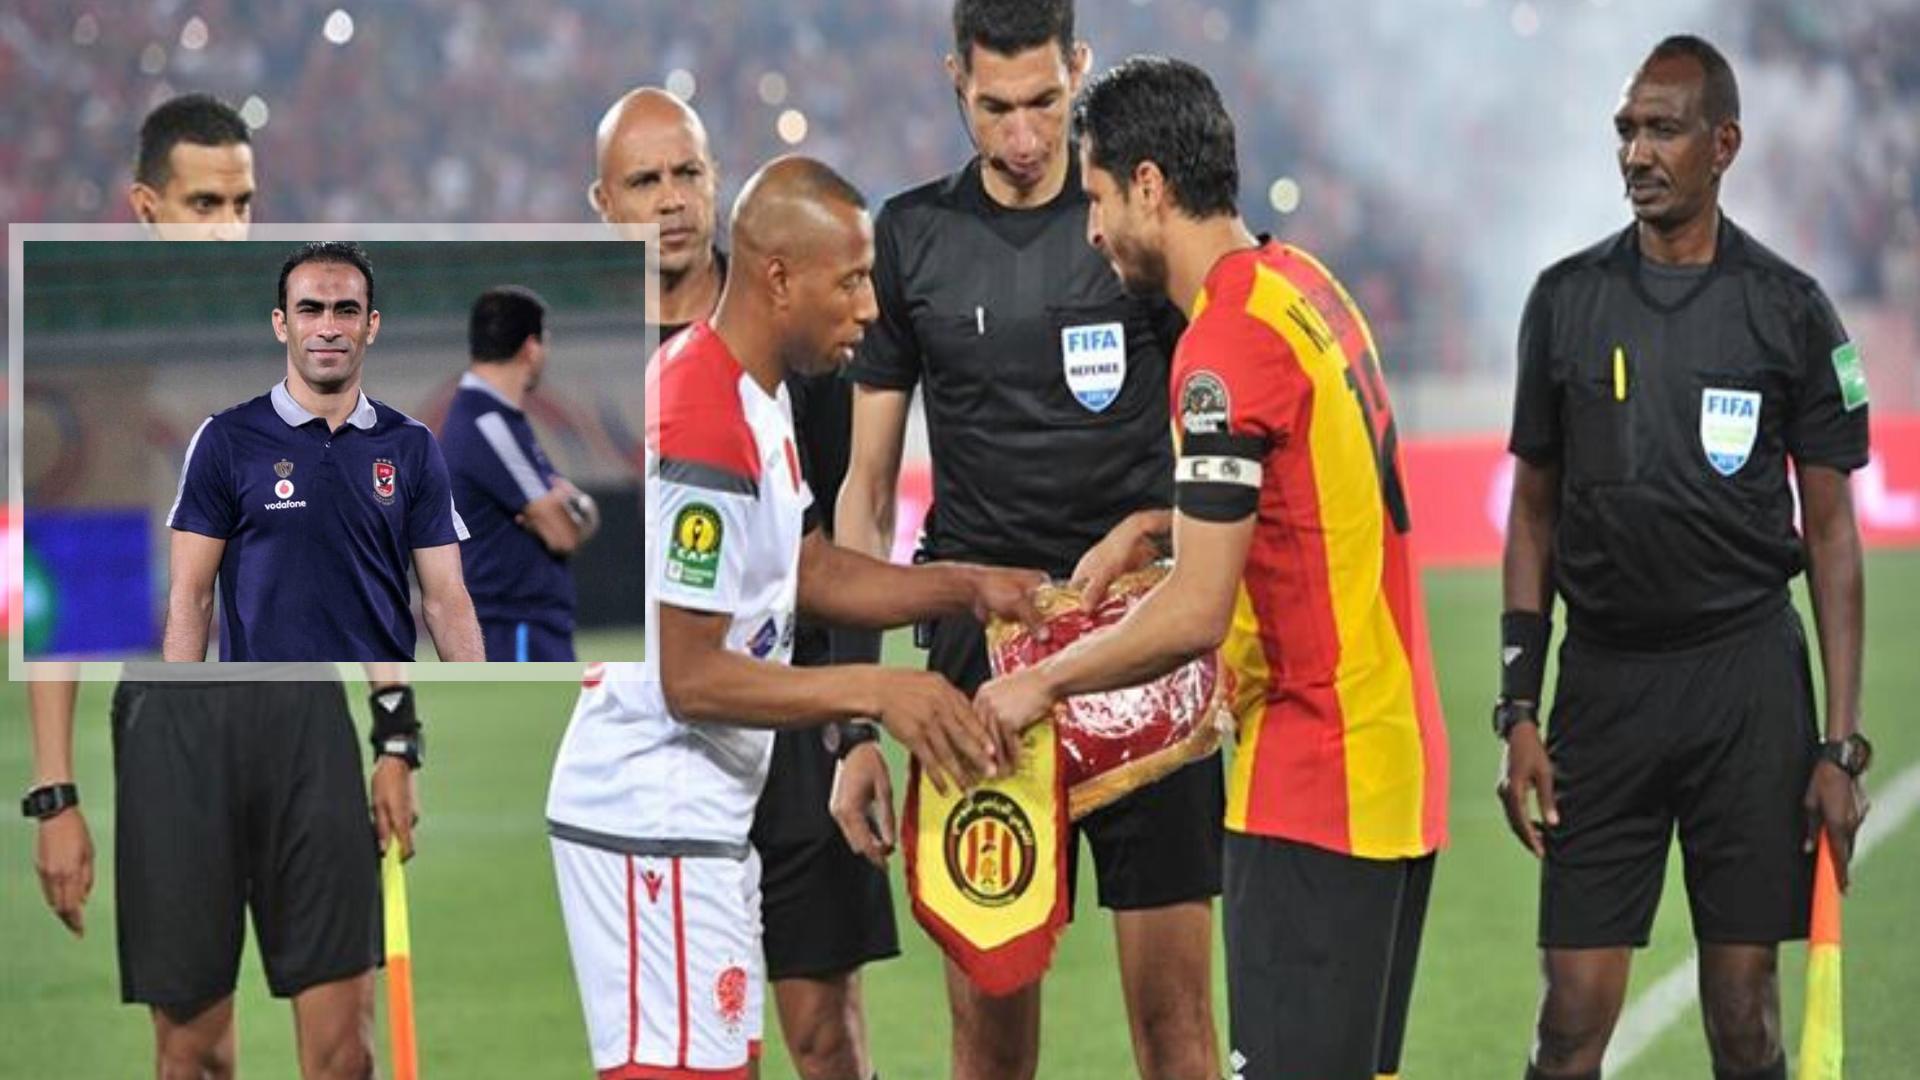 مسؤول بالأهلي المصري يؤكد أن قرار الكاف غير منصف ويخدم الوداد والترجي